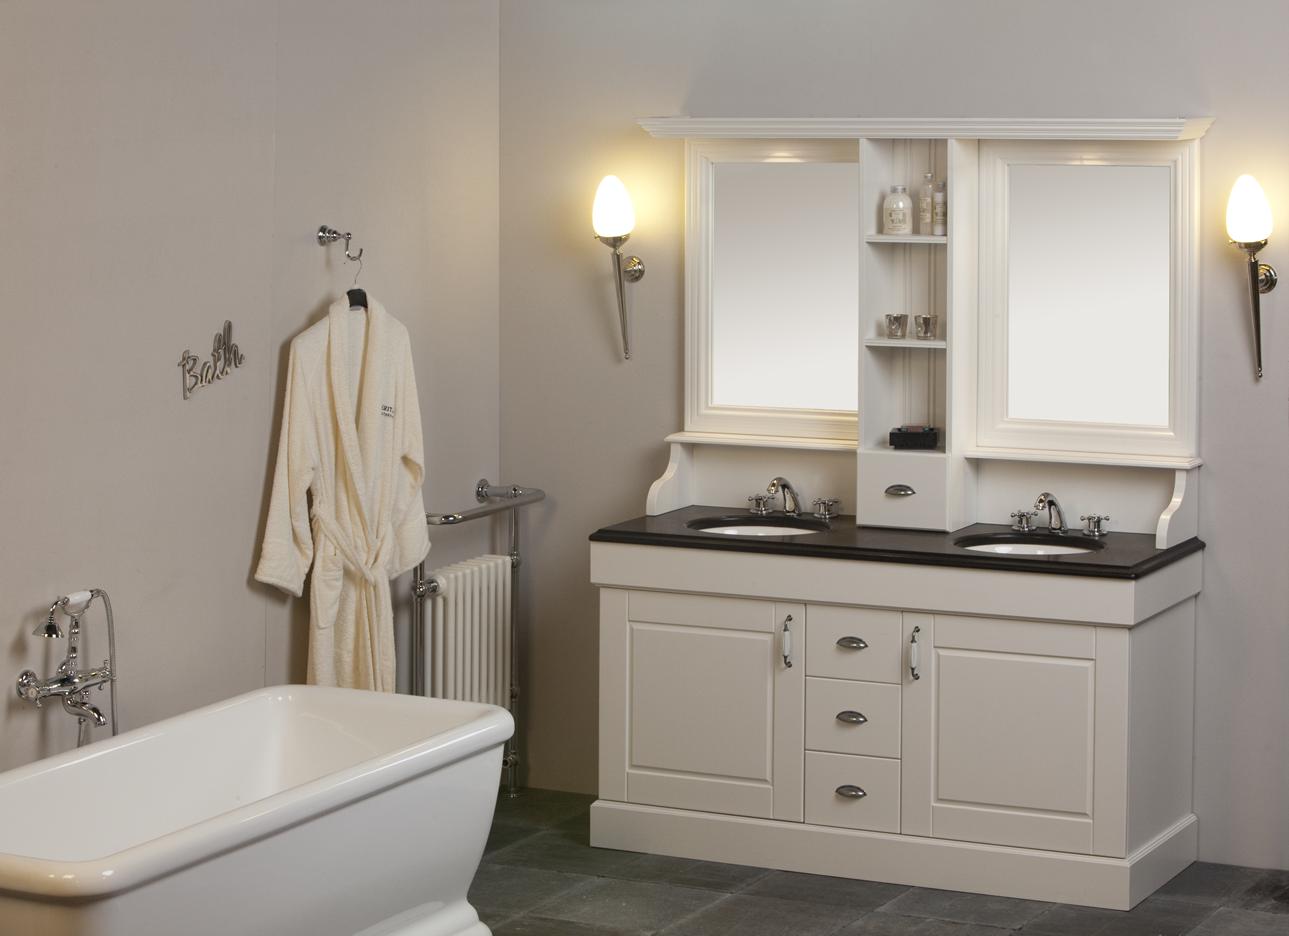 Klassiek badkamermeubel cm classic wit met opbouw spiegelkast